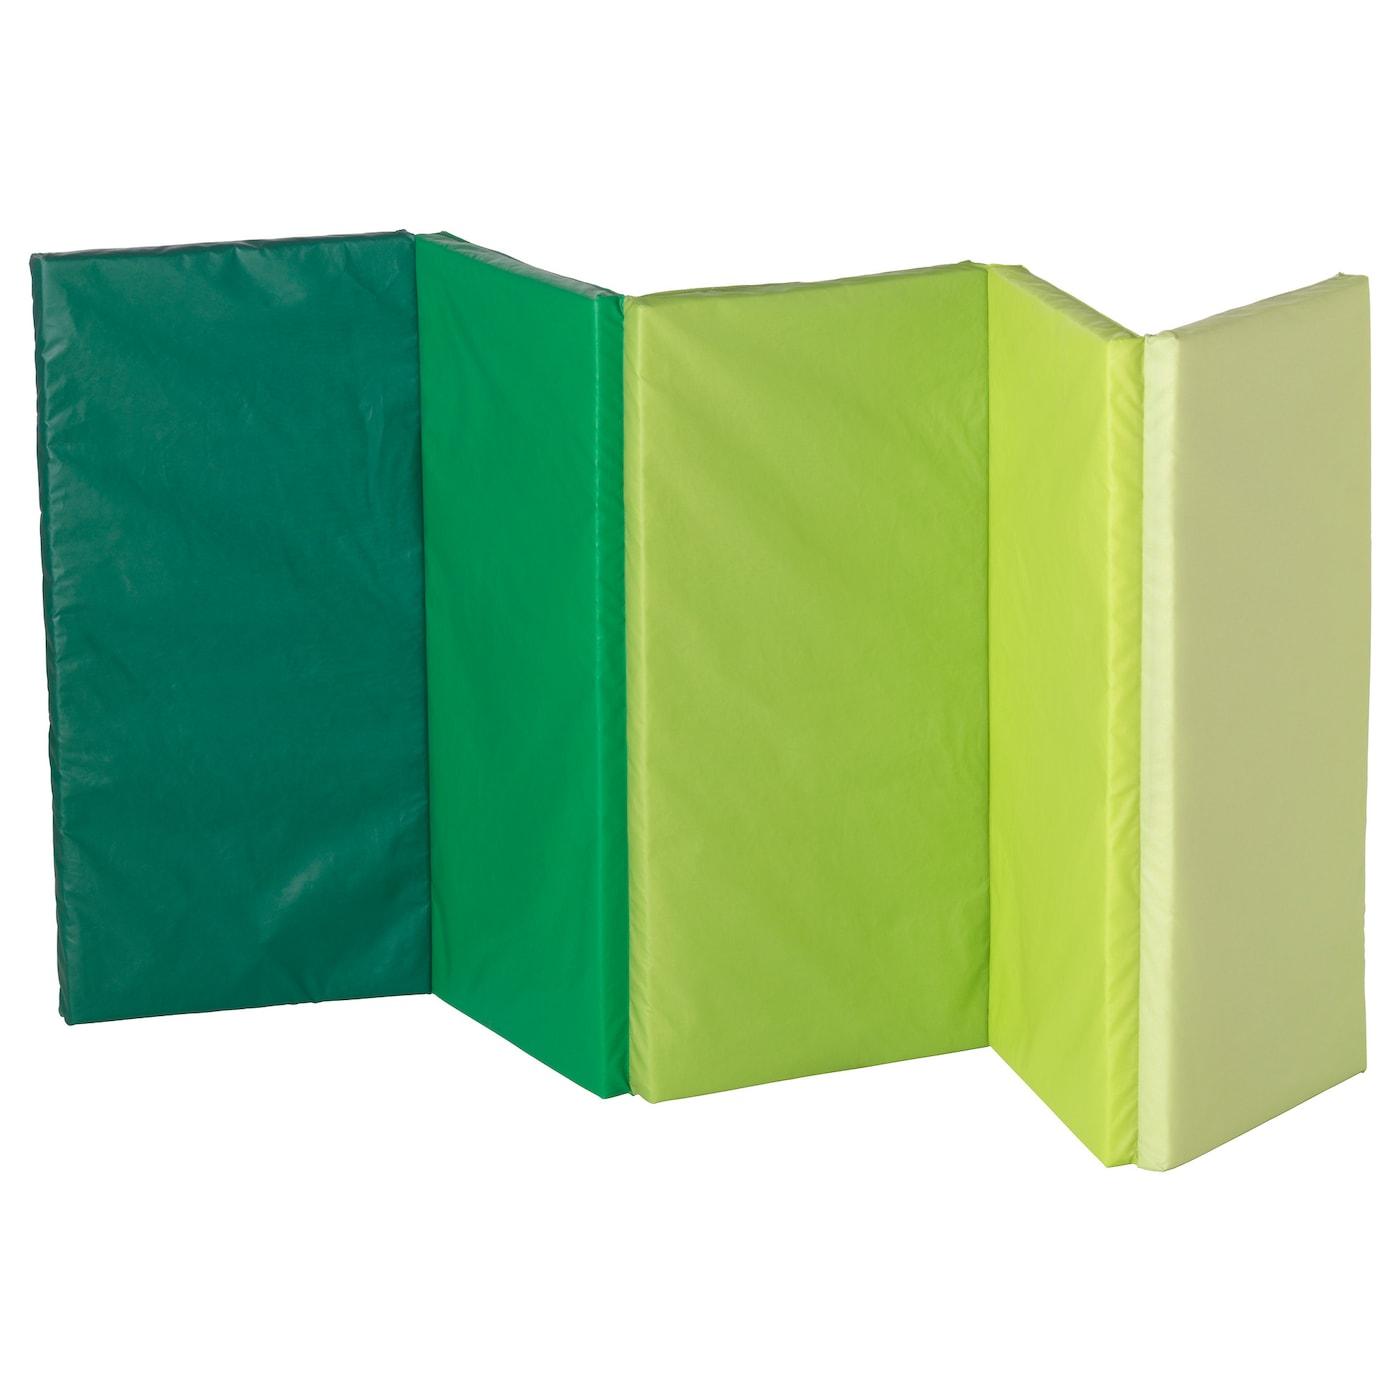 Plufsig Tapis De Gymnastique Pliant Vert 78 X 185 Cm Ikea